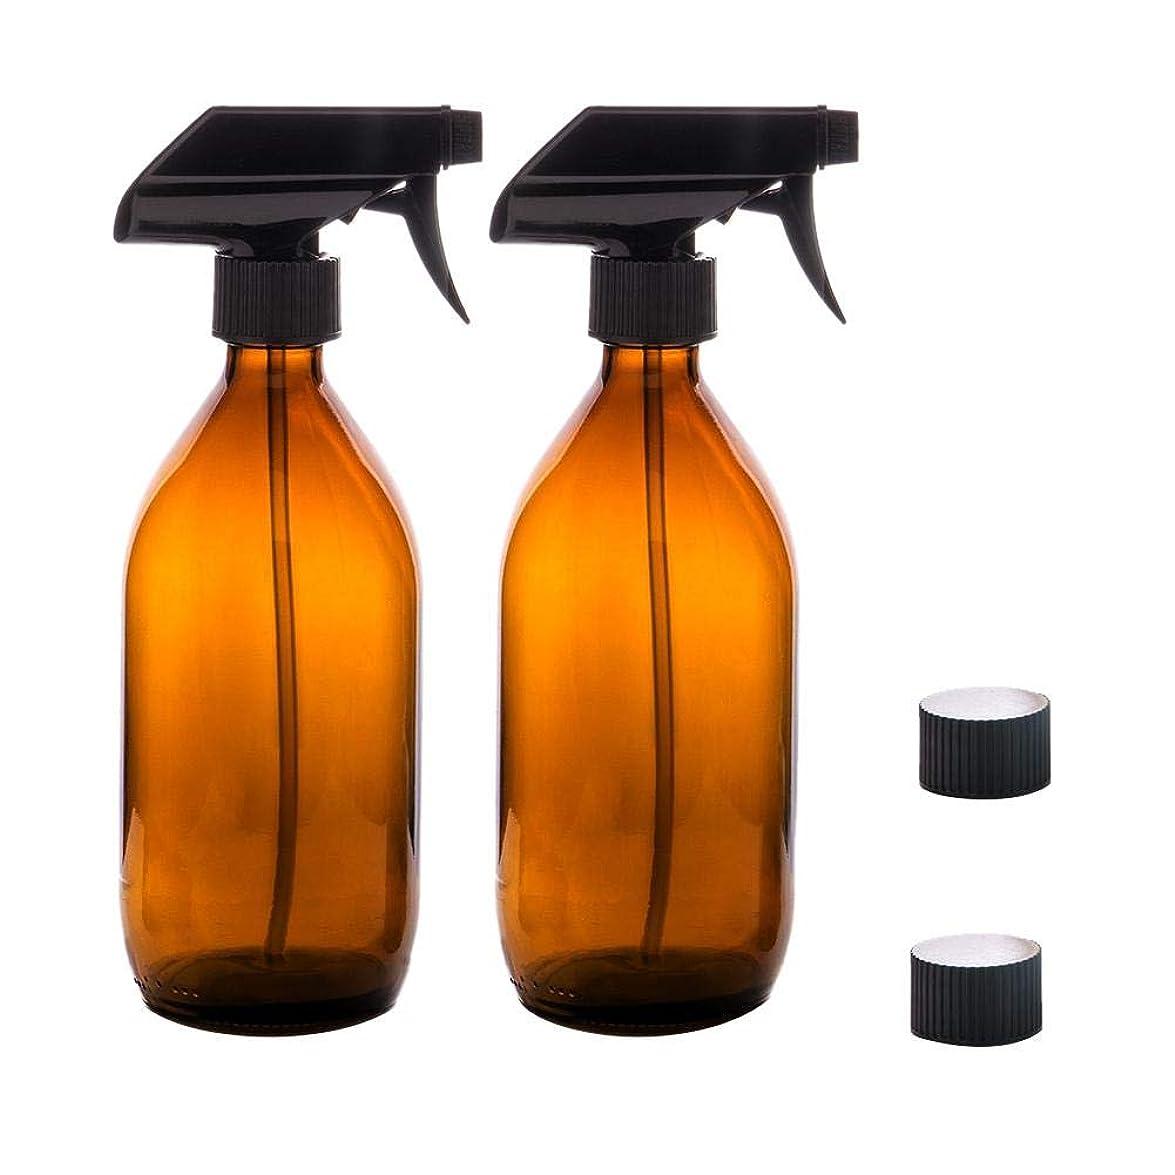 広範囲に一元化する一元化するRagem スプレーボトル 霧吹き スプレー 500ml 遮光 極細のミスト 保湿スプレー 容器 植物水やり BPAフリー 2点セット ブラウン